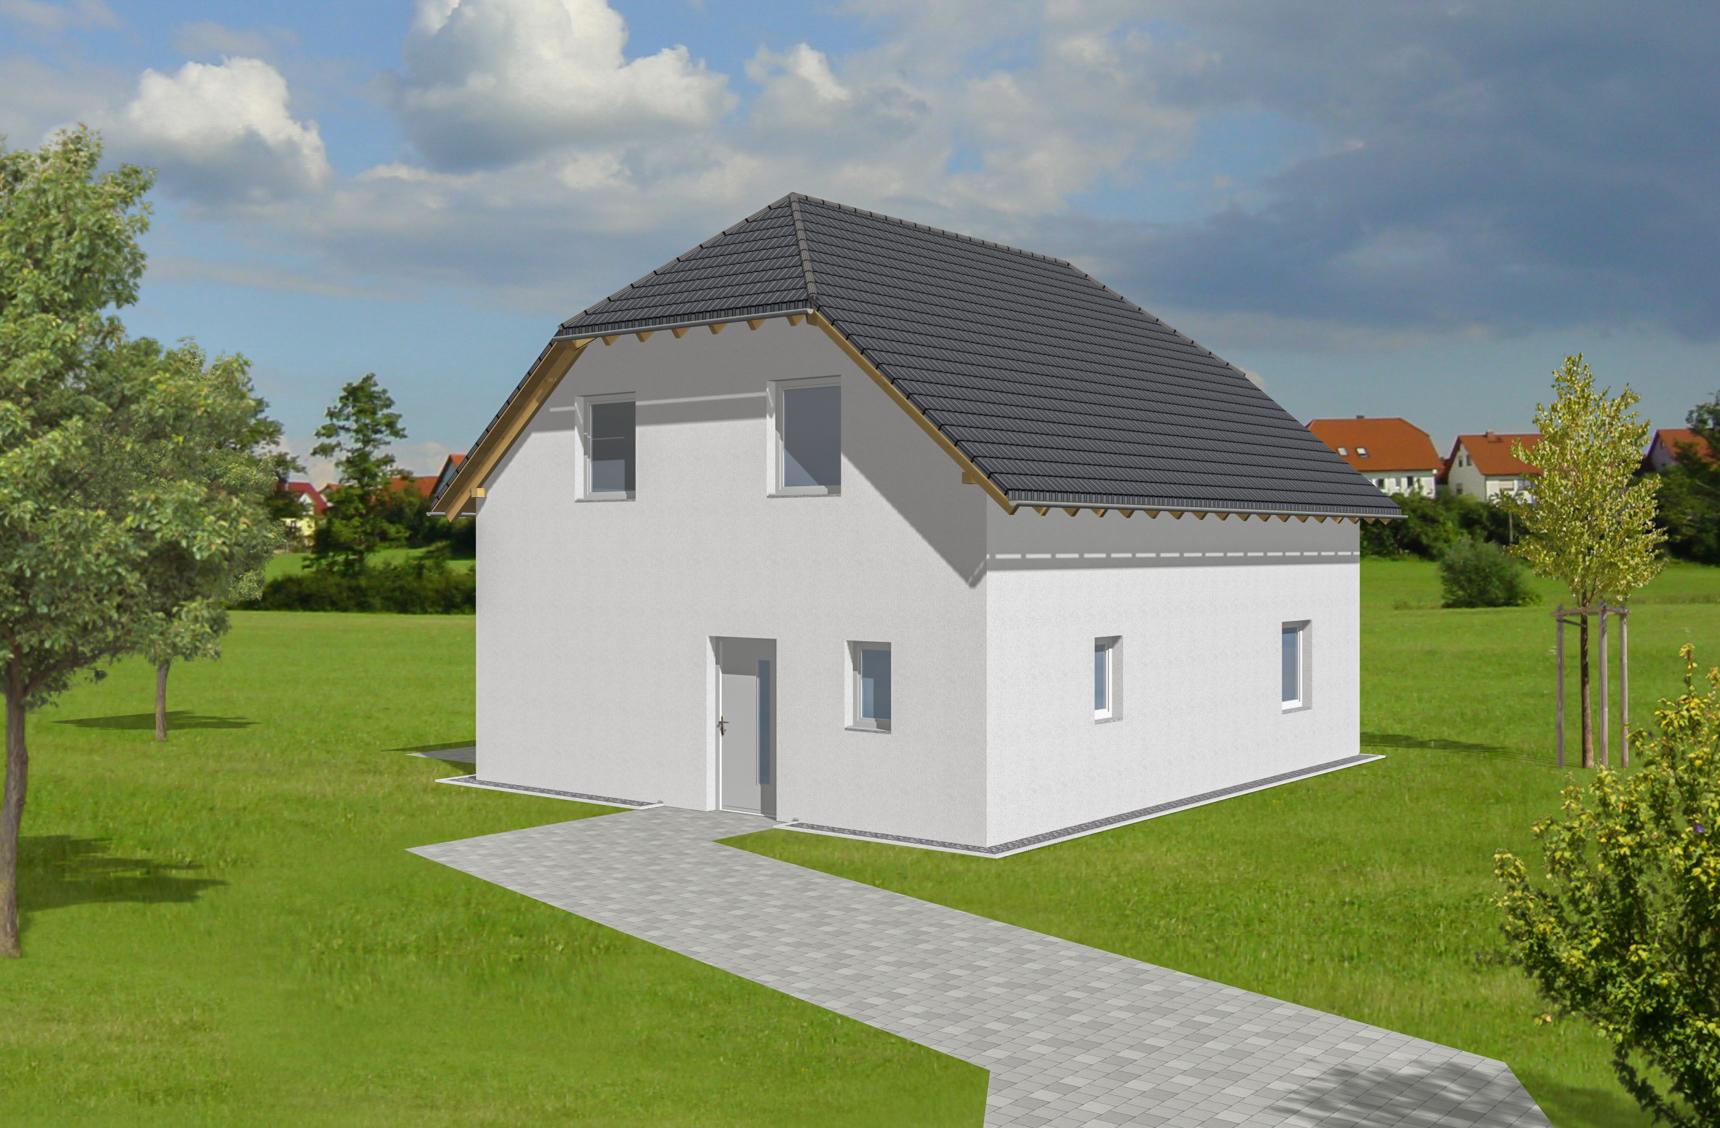 Typenhaus Kuma - ALG Massivhaus GmbH Eingangsansicht